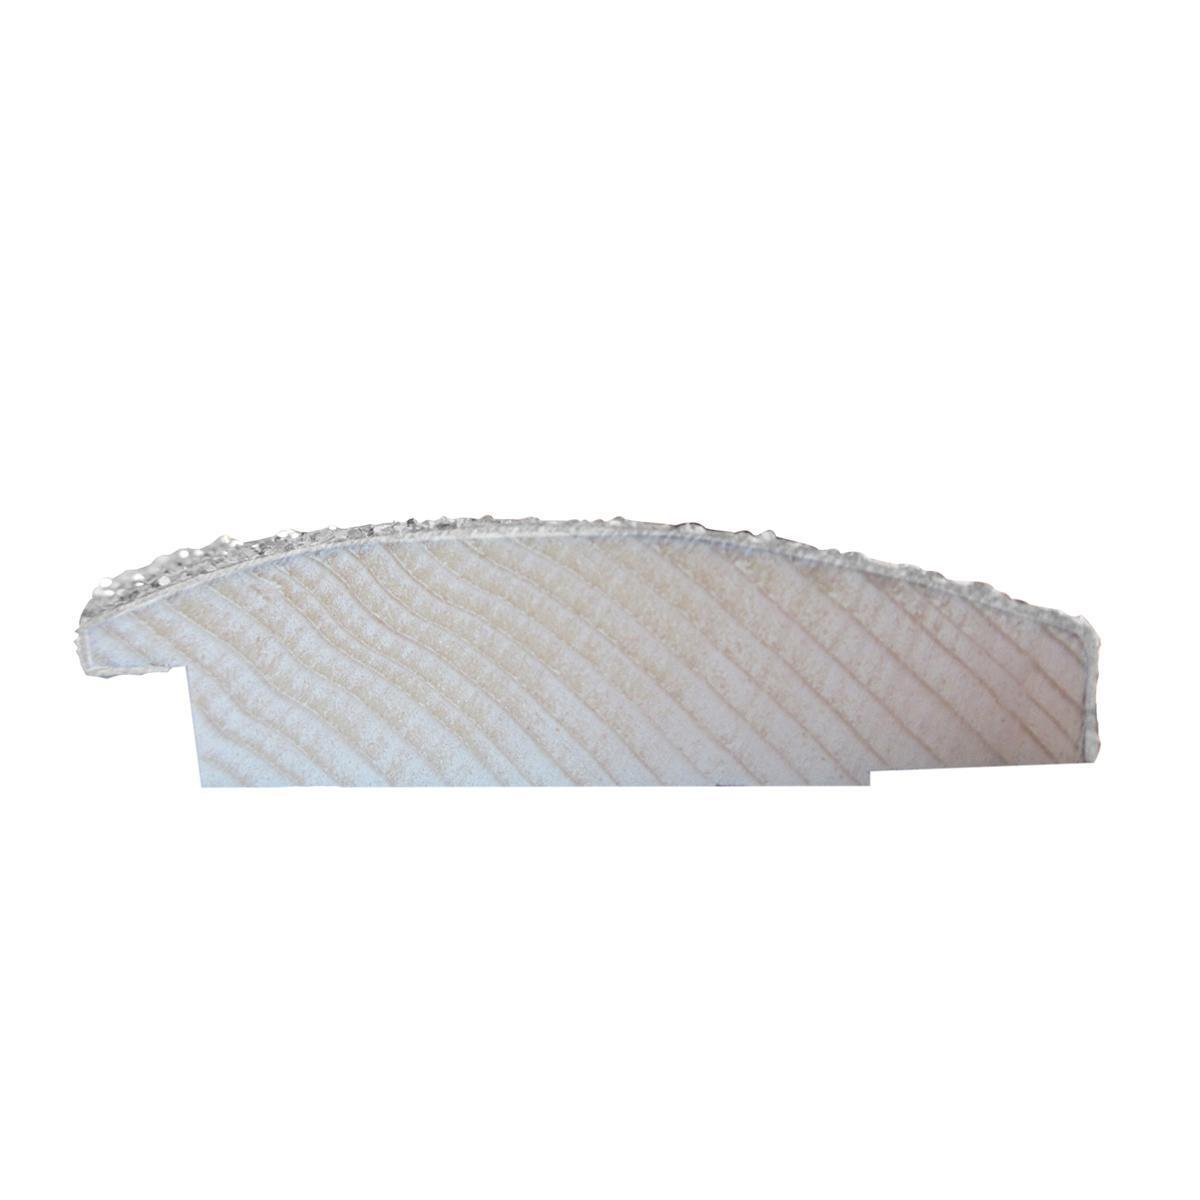 Specchio a parete rettangolare Glitterata bianco 60x90 cm - 5